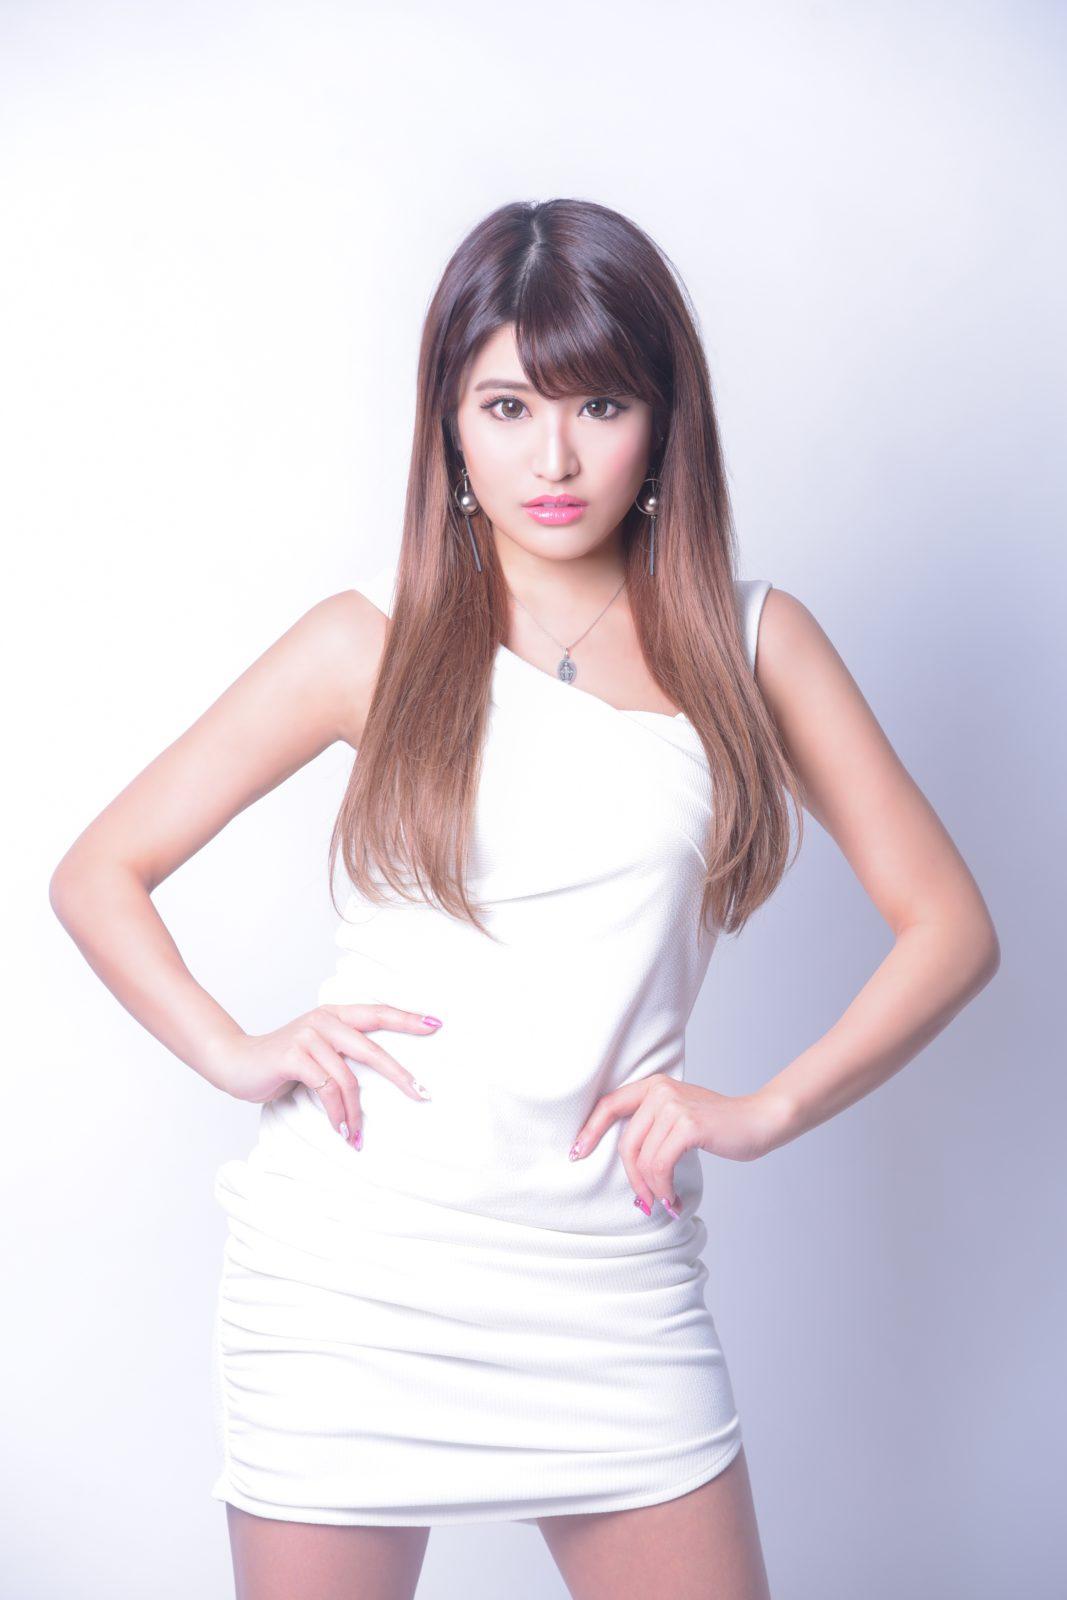 異例の経歴を持つ注目の女性DJ・鈴木マリナがEDMベスト盤をリリース決定サムネイル画像